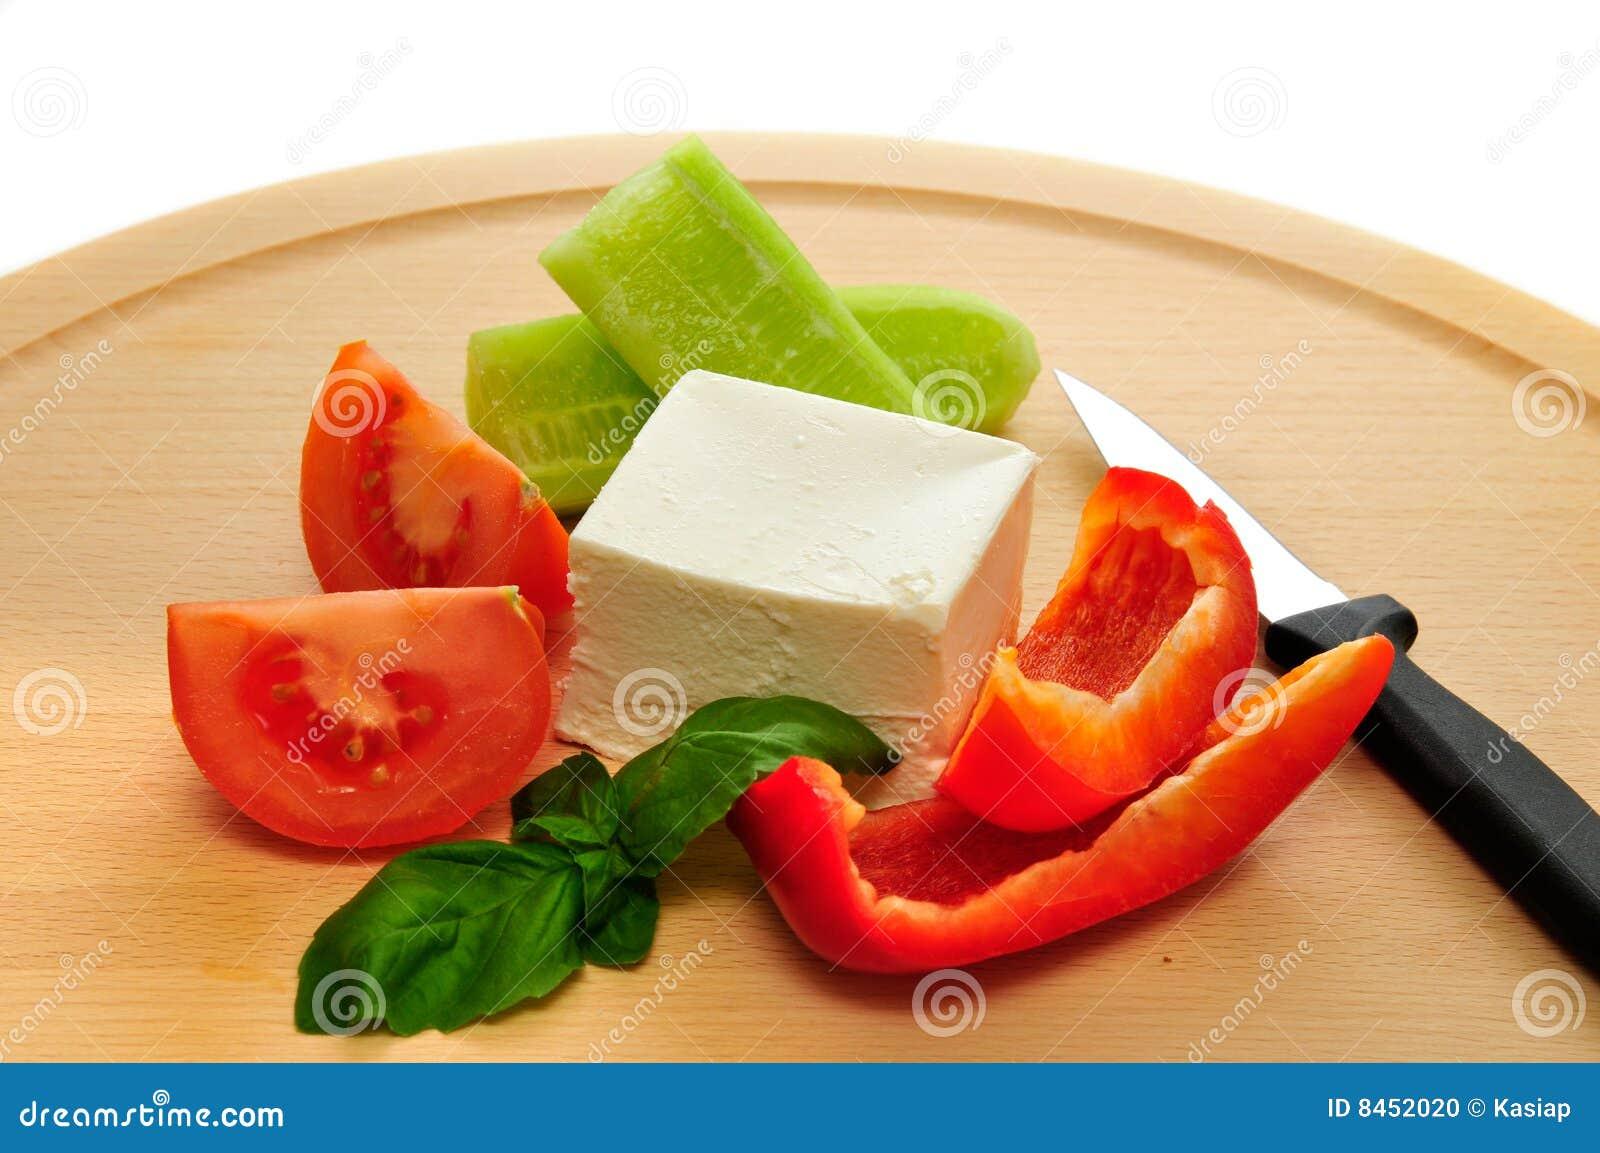 Fetagrönsaker